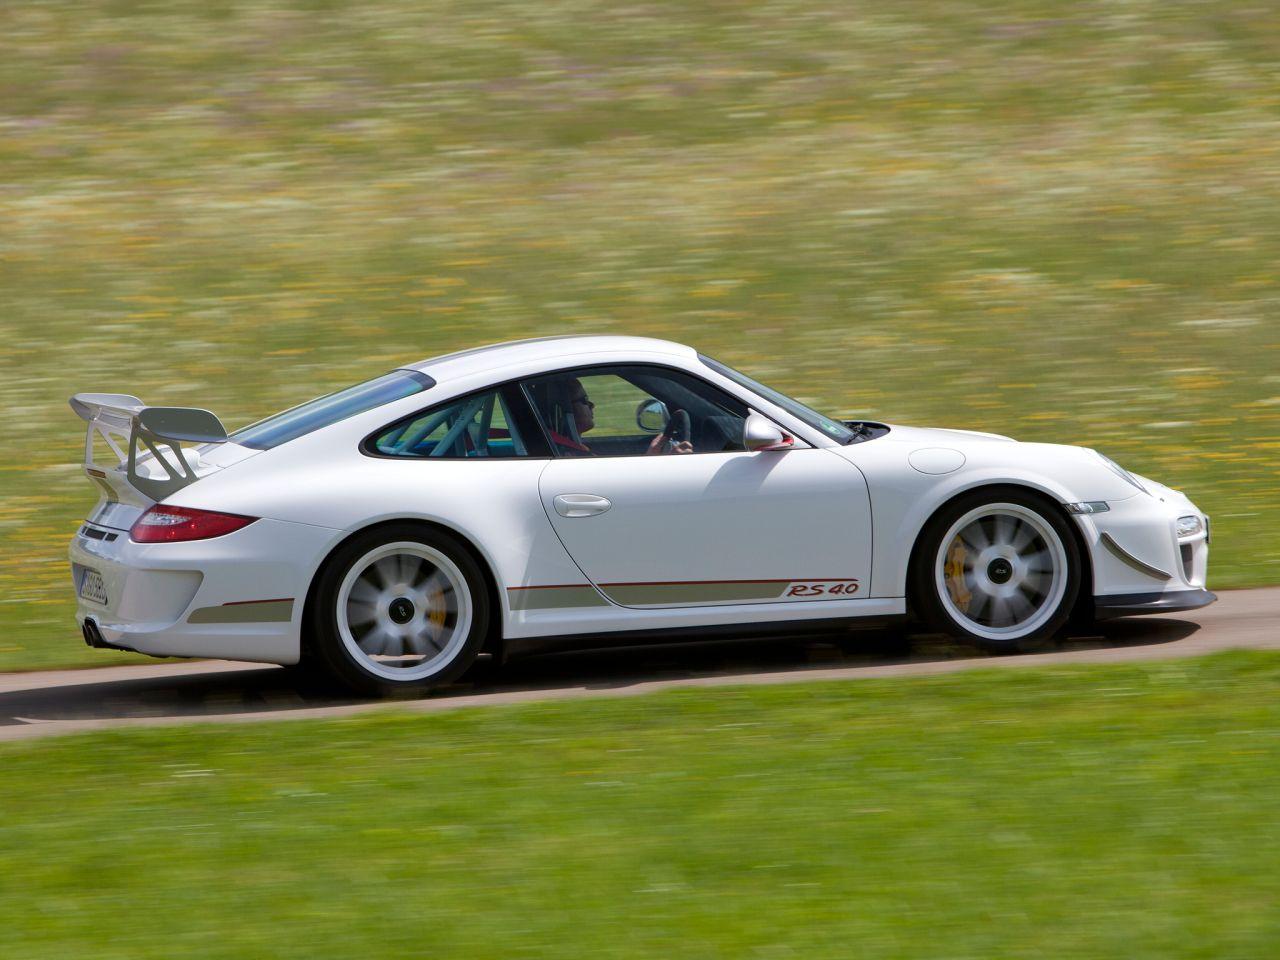 Porsche 911 997 GT3 RS 4.0 - La dernière fusée du bouquet 7